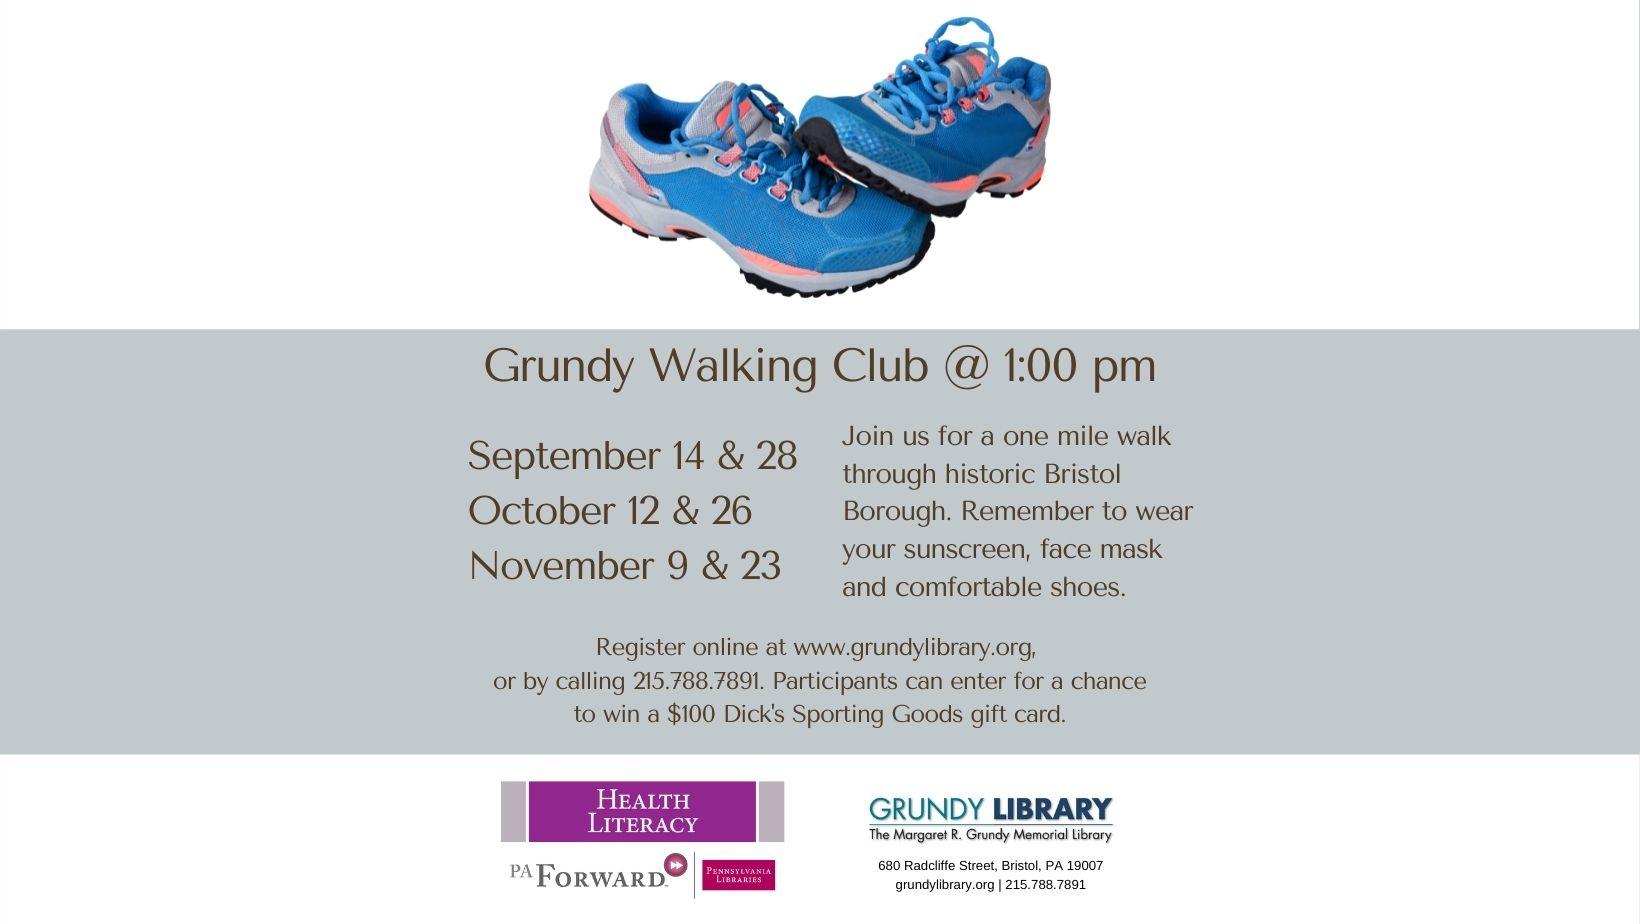 Grundy Walking Club